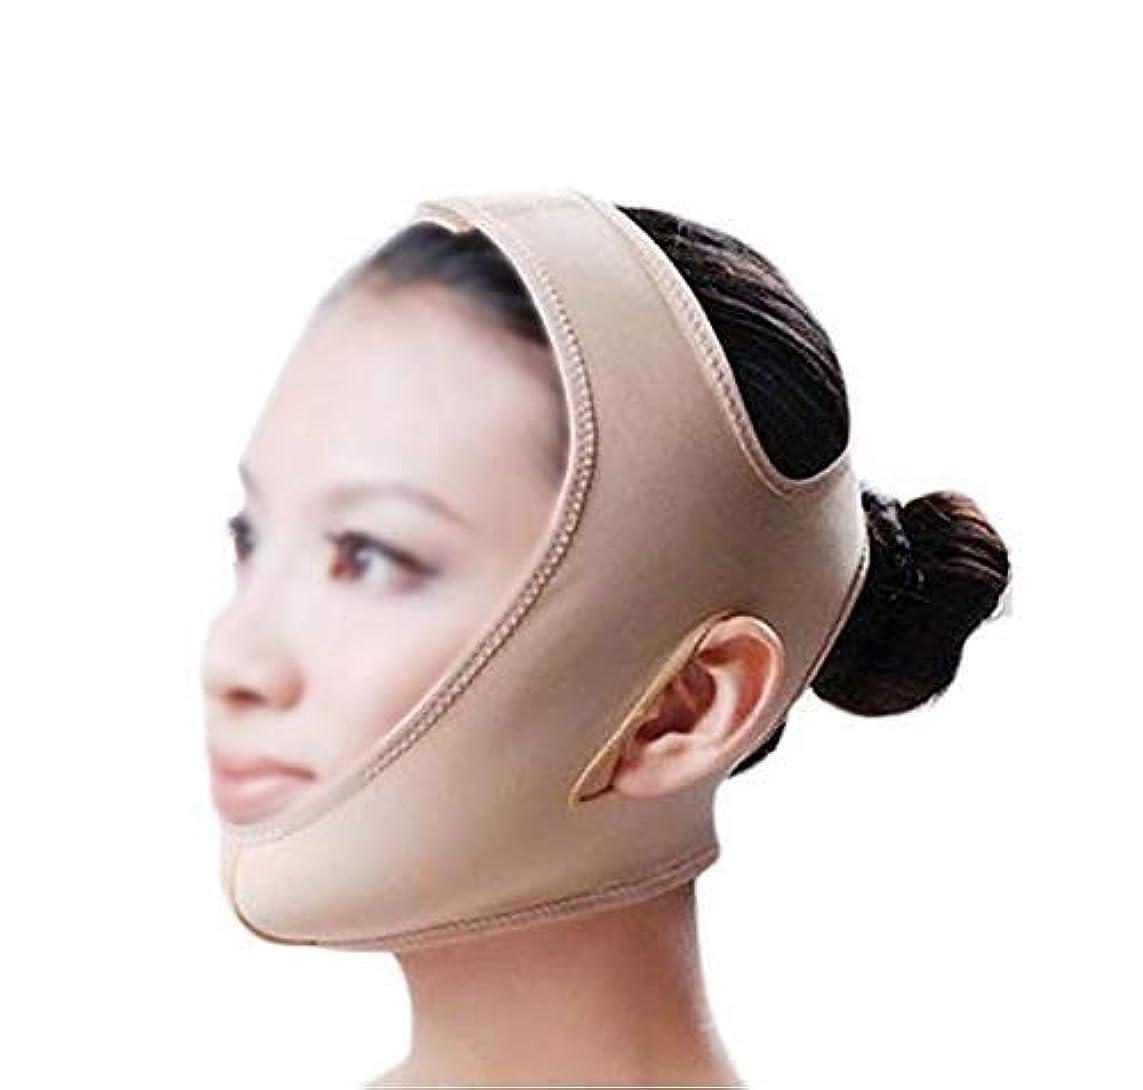 硫黄ハンカチ連結するファーミングフェイスマスク、マスクフェイシャルマスクビューティーメディシンフェイスマスクビューティーVフェイスバンデージラインカービングリフティングファーミングダブルチンマスク(サイズ:M)